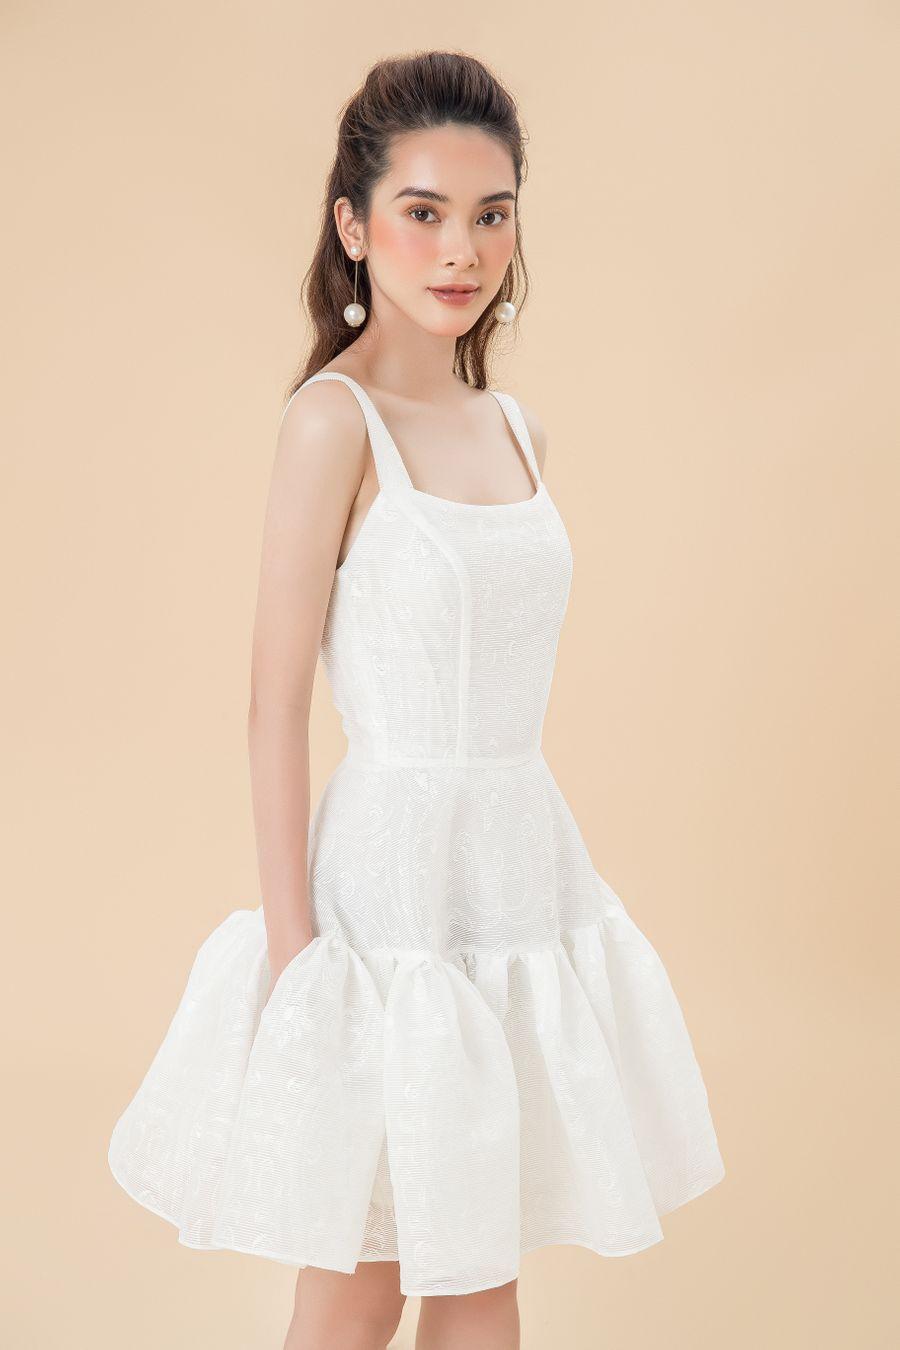 White on white - mặc như thế nào? 10